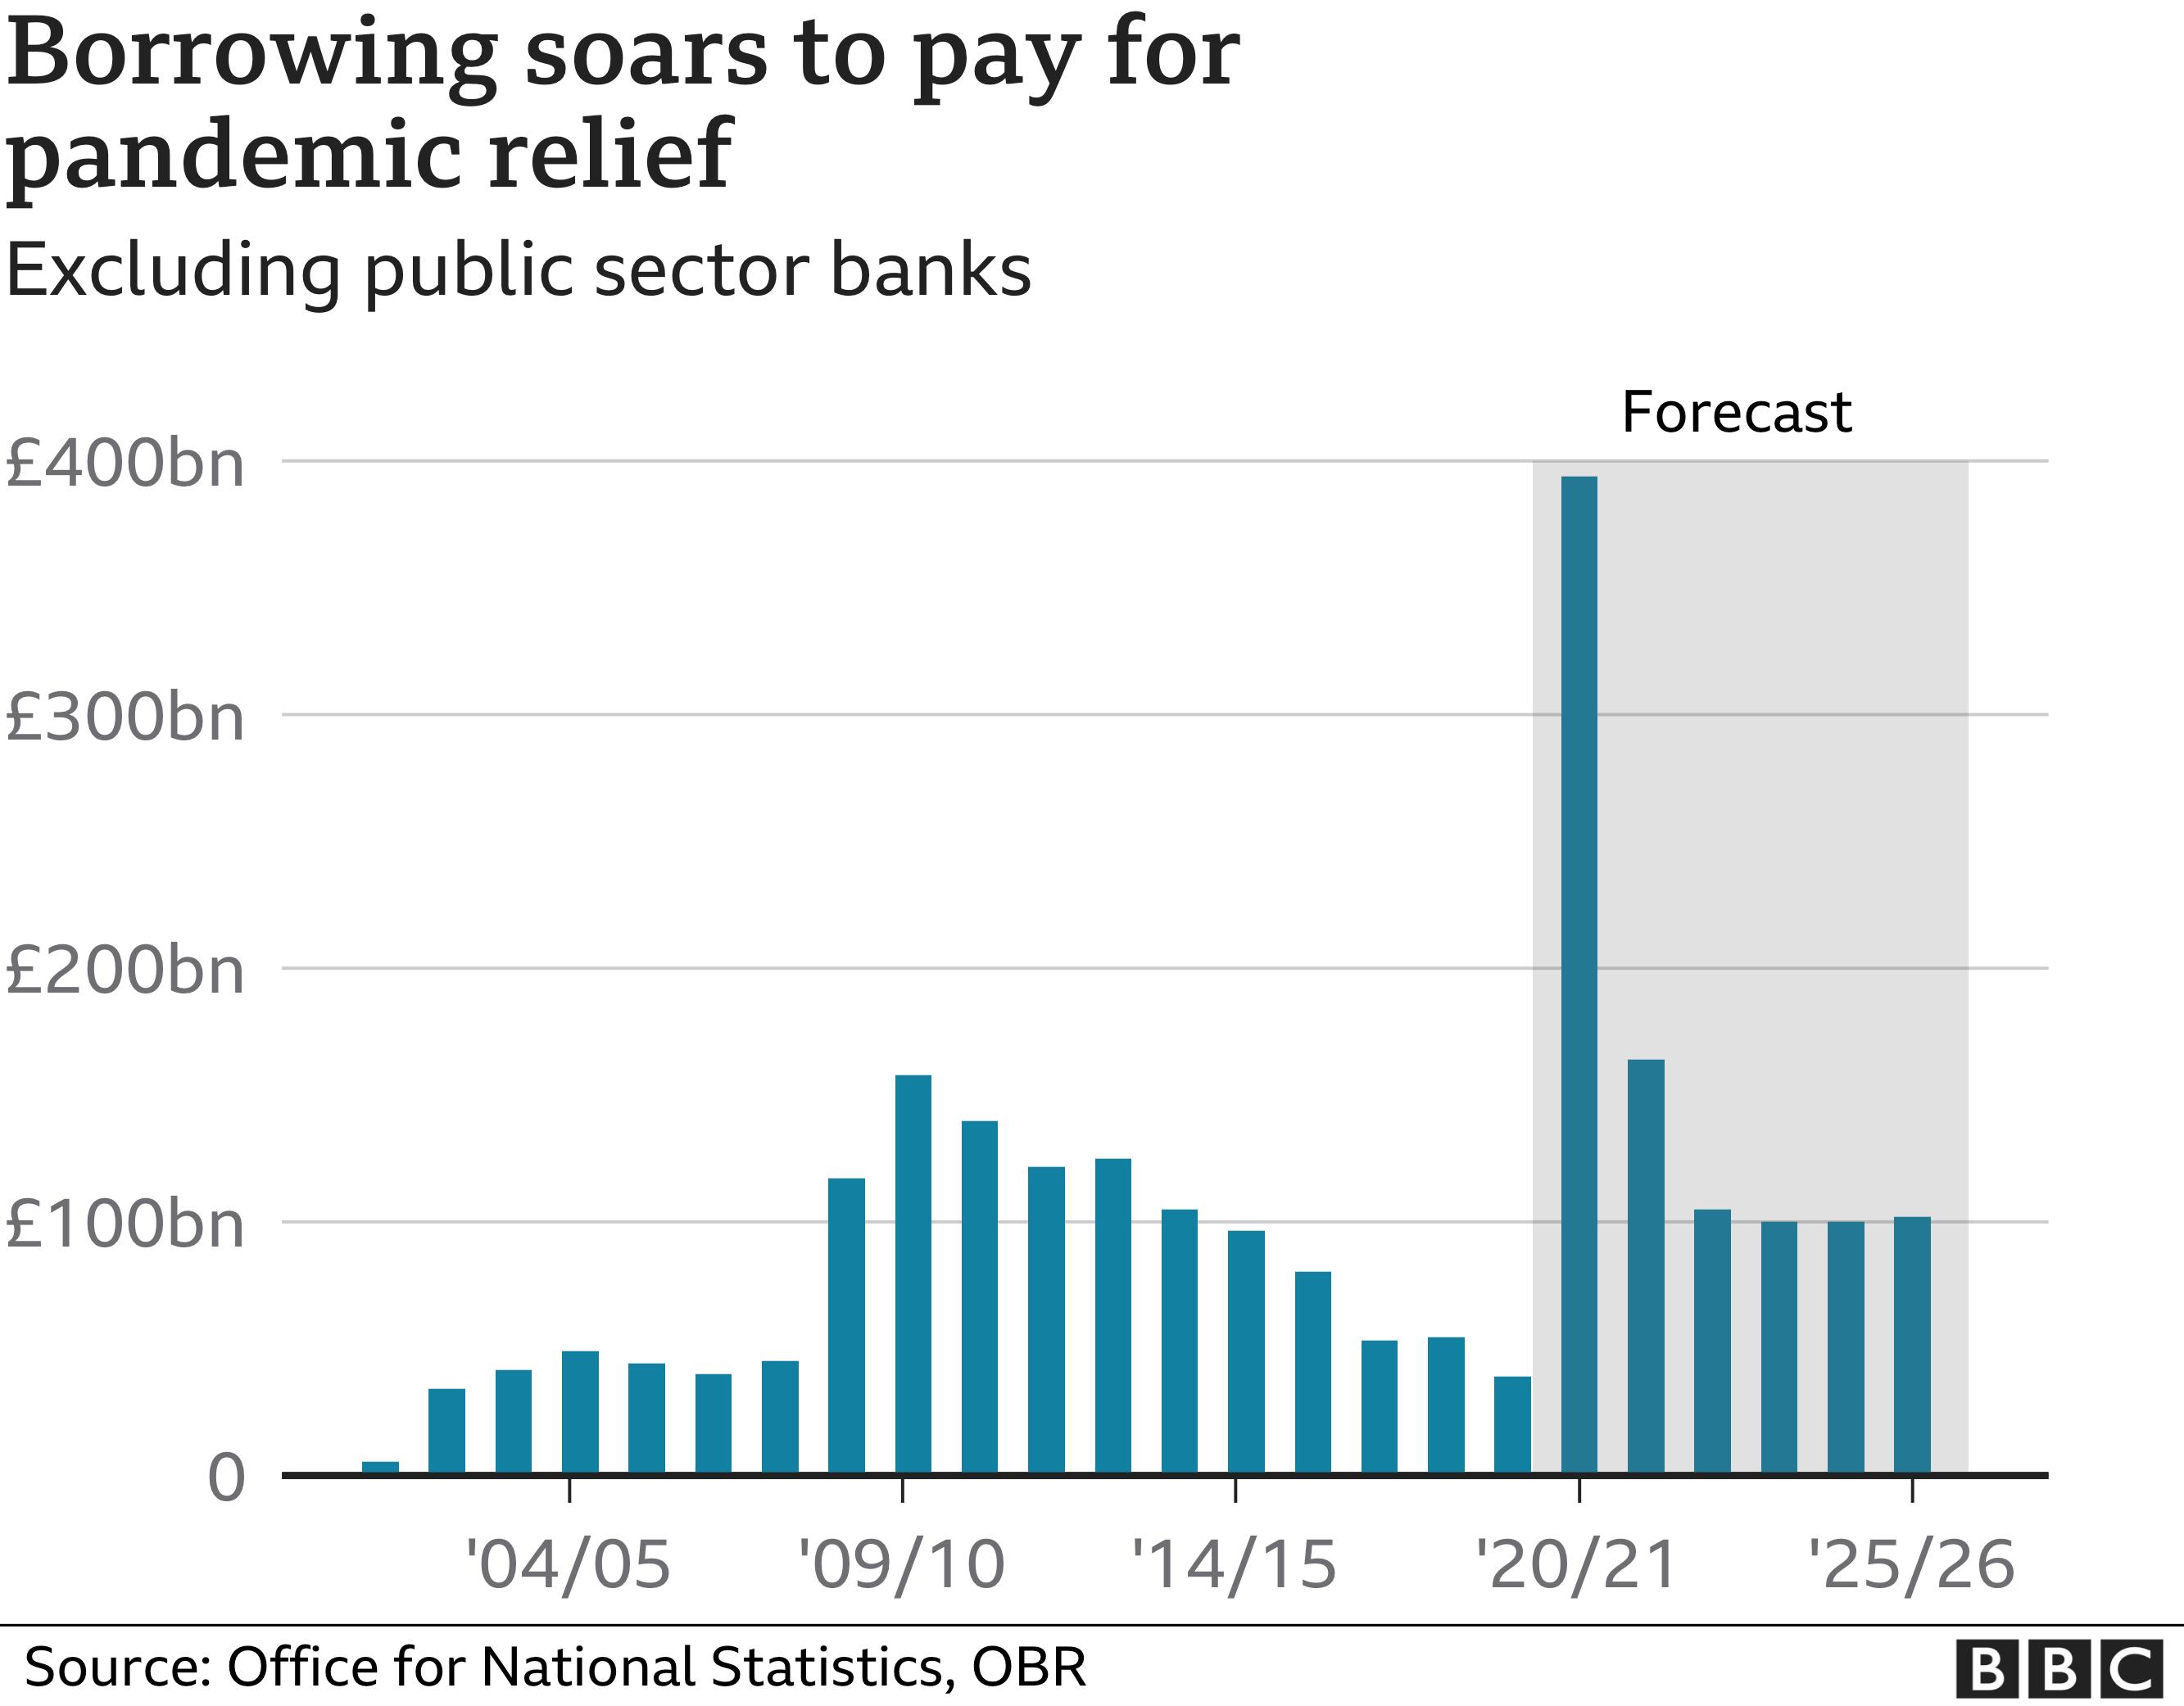 OBR Borrowing forecast